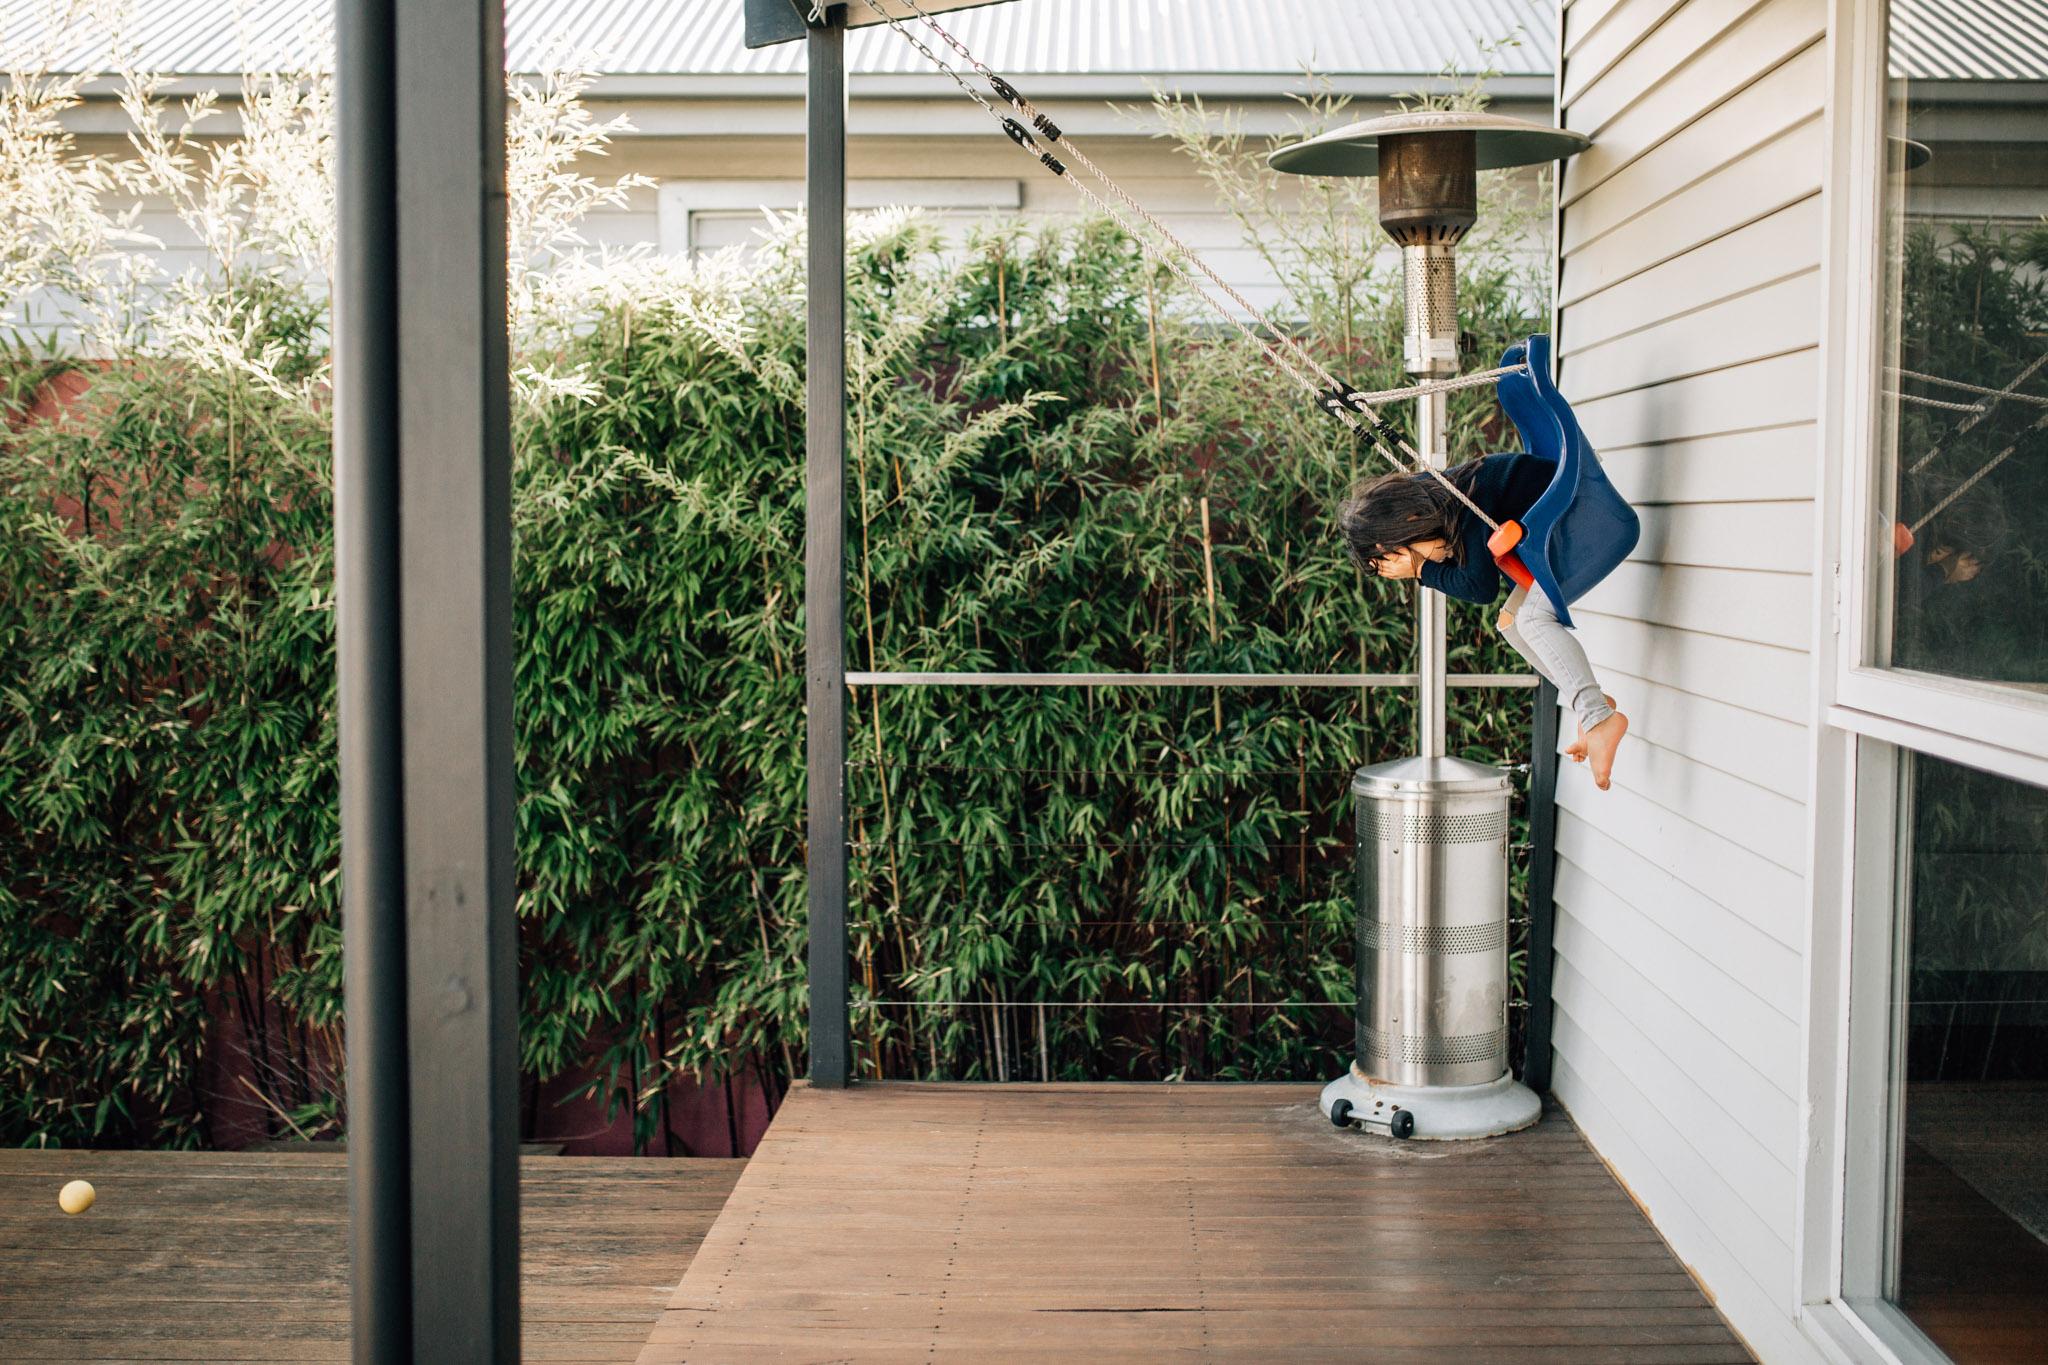 little-girl-flying-on-swing-I (1 of 1).jpg